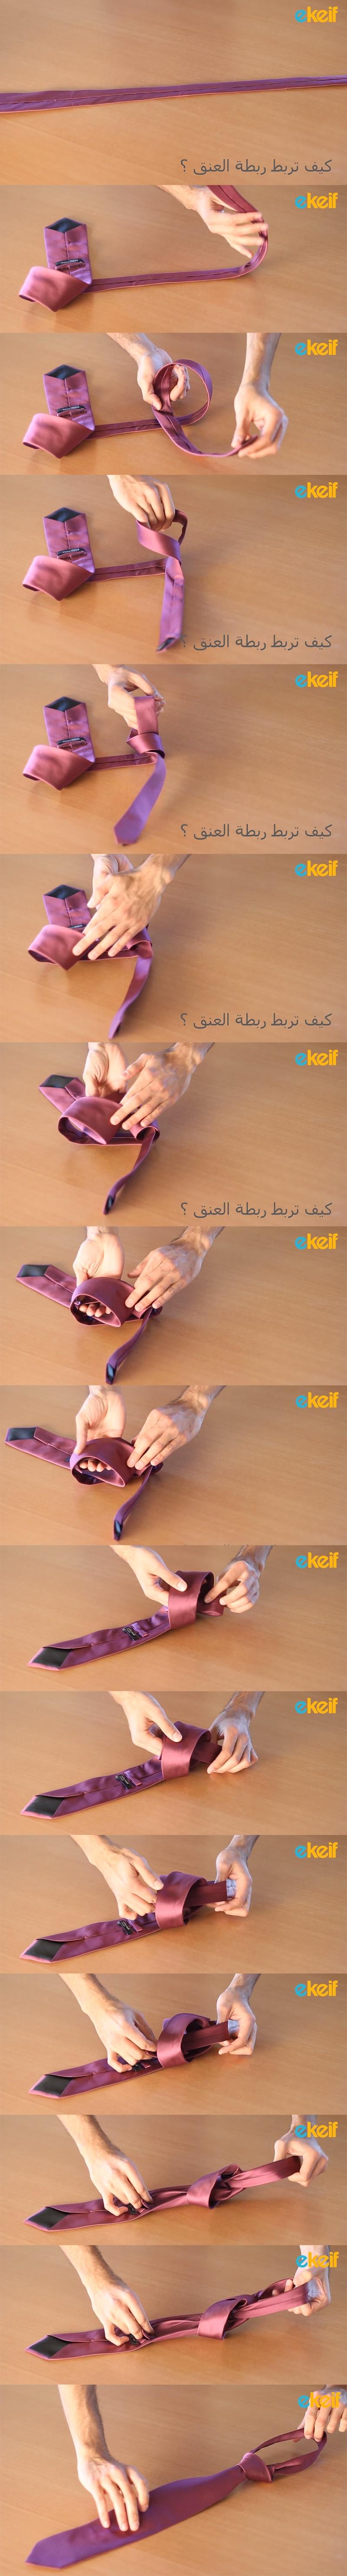 gravata arabe no